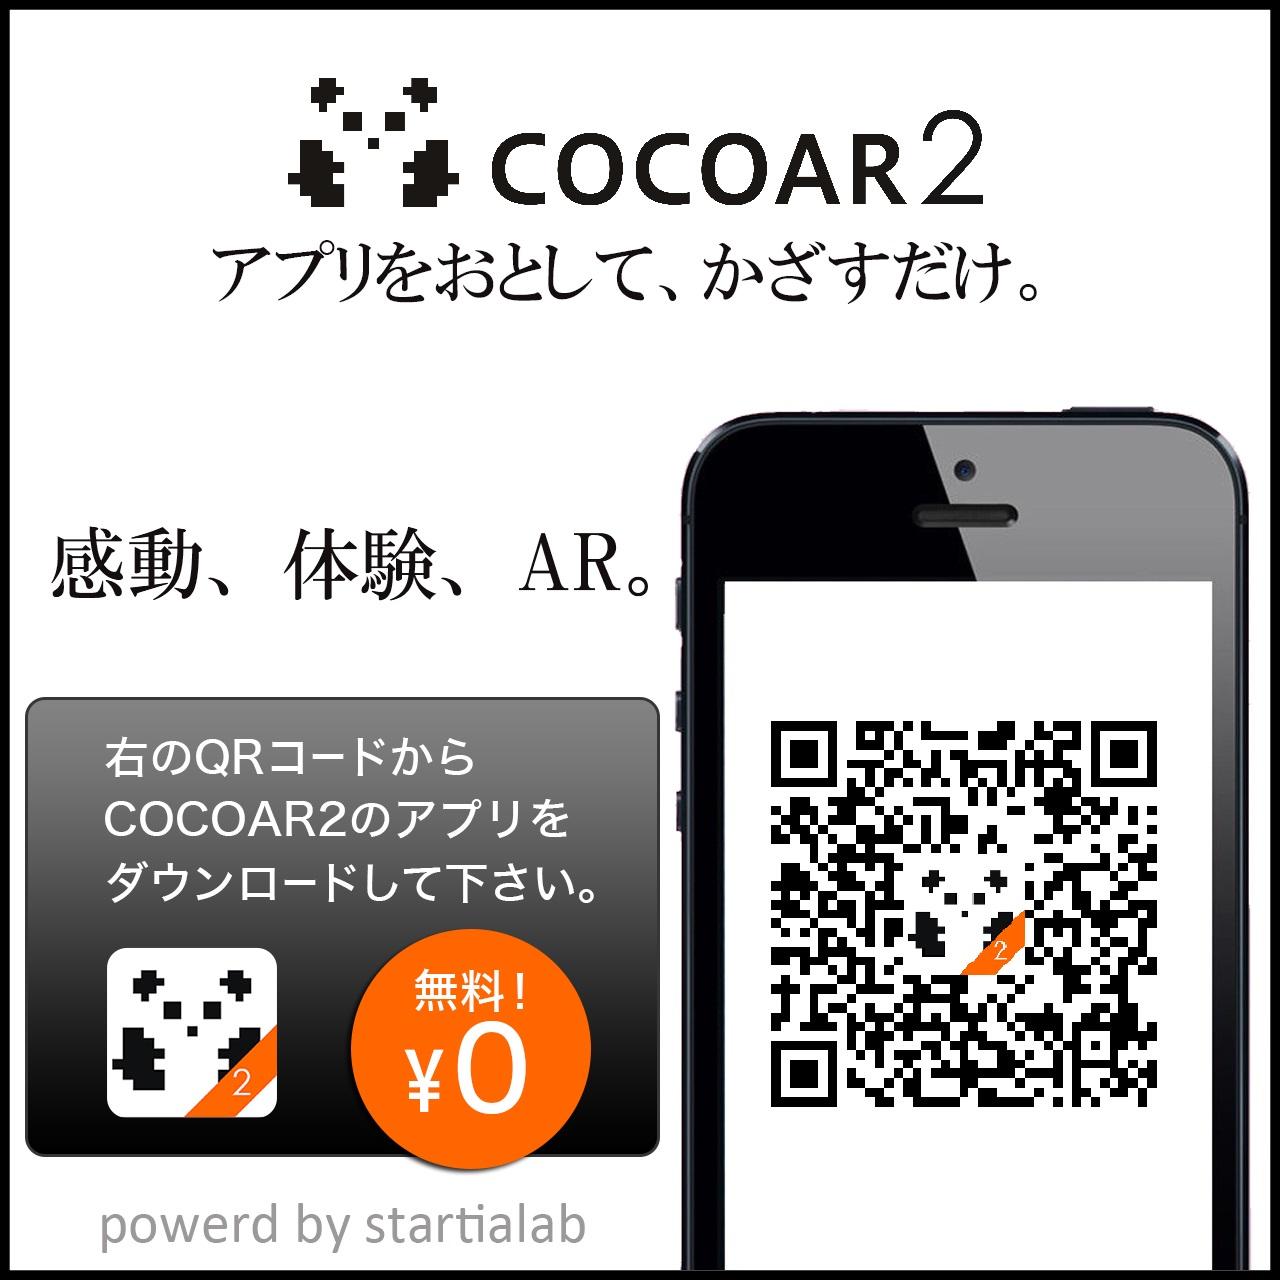 COCOAR2ダウンロード